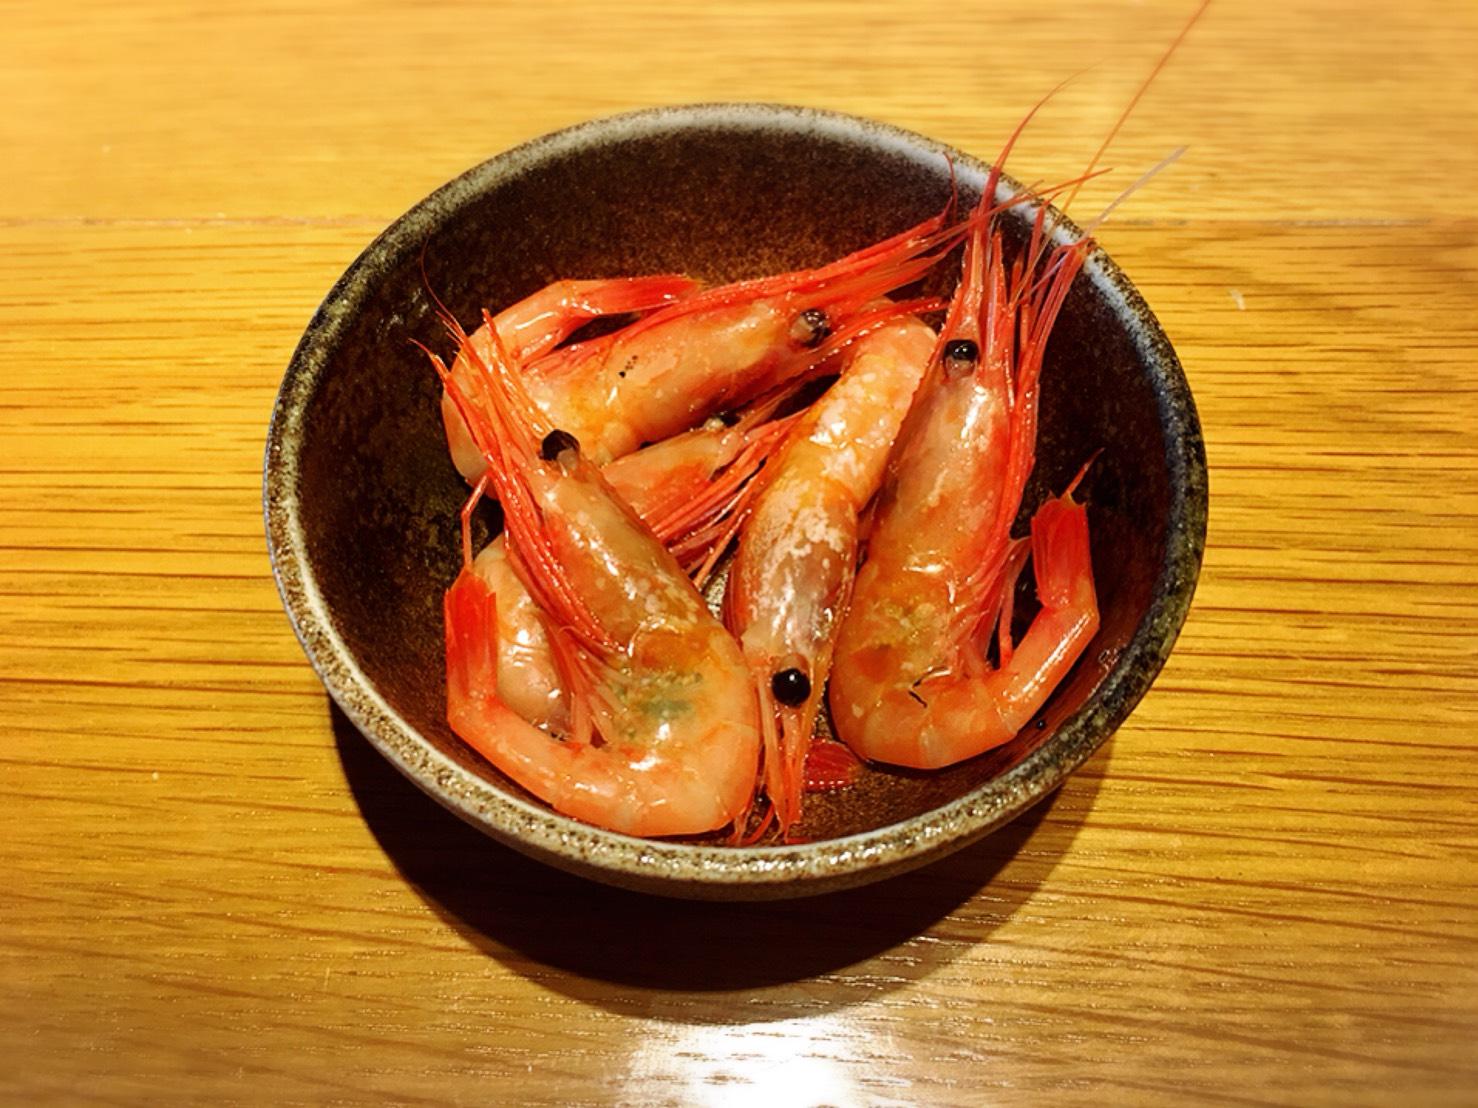 【池袋駅】東武百貨店の人気食べ放題「シュプリーム」モリモリ!の甘エビ